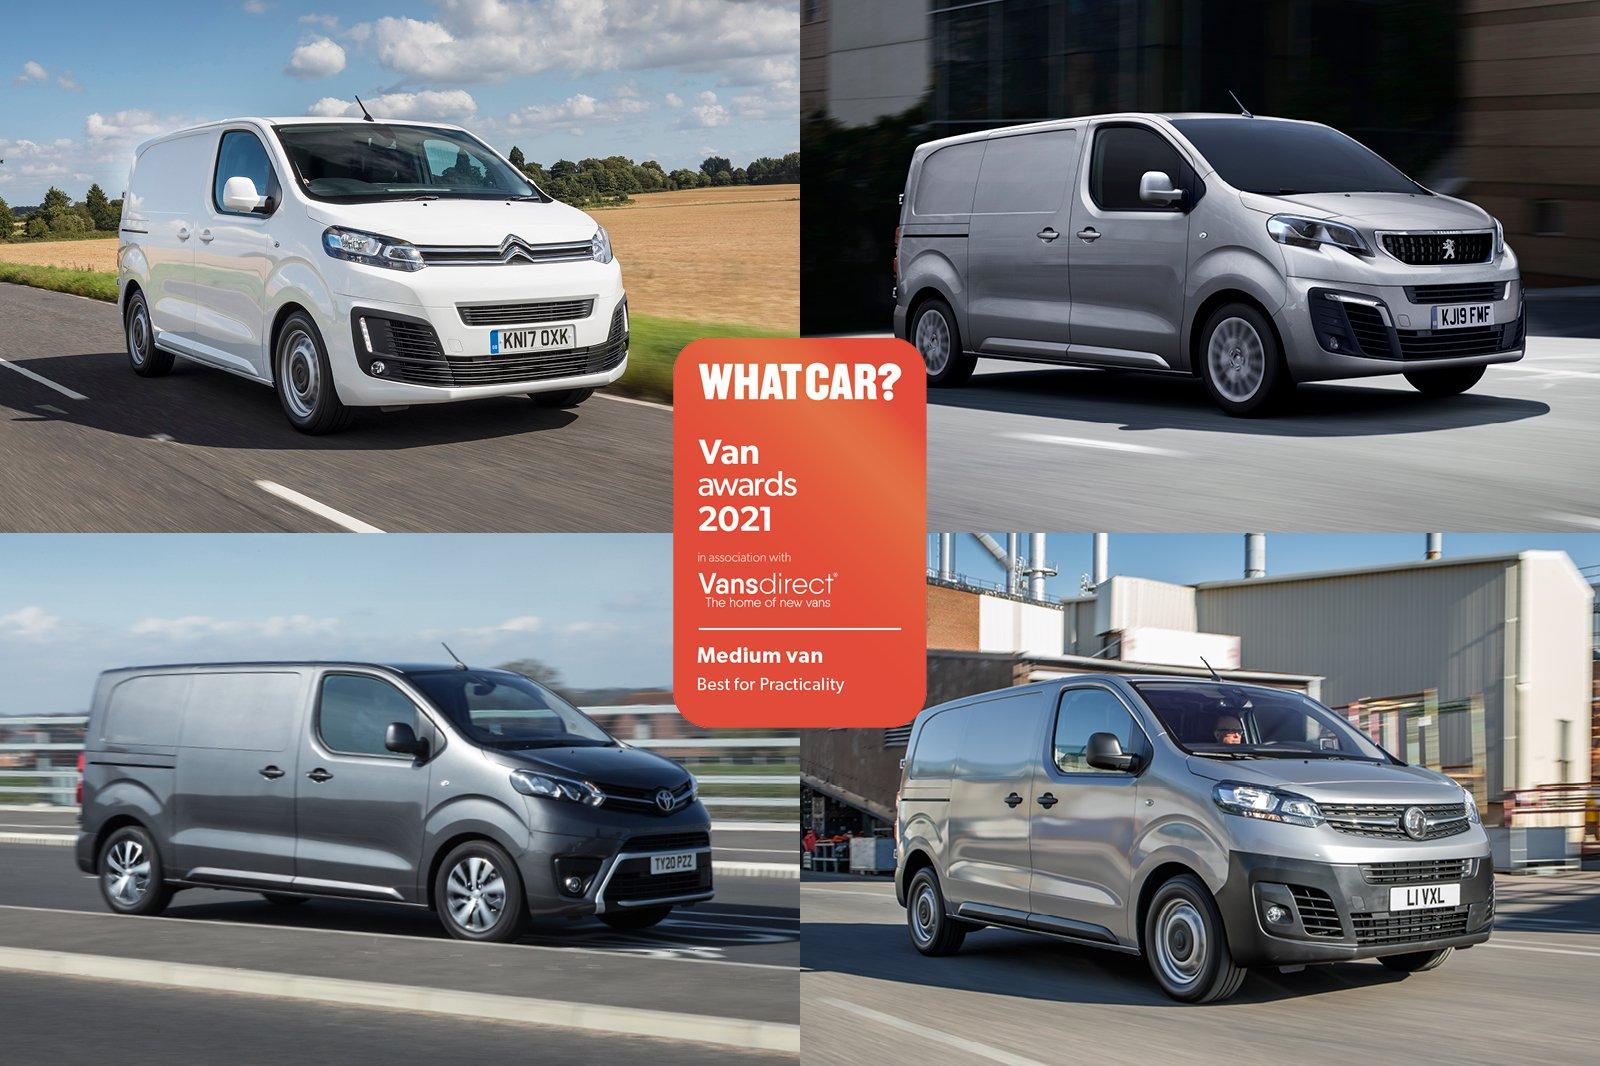 Van Awards 2021 - Medium Van - Best for Practicality (new logo)